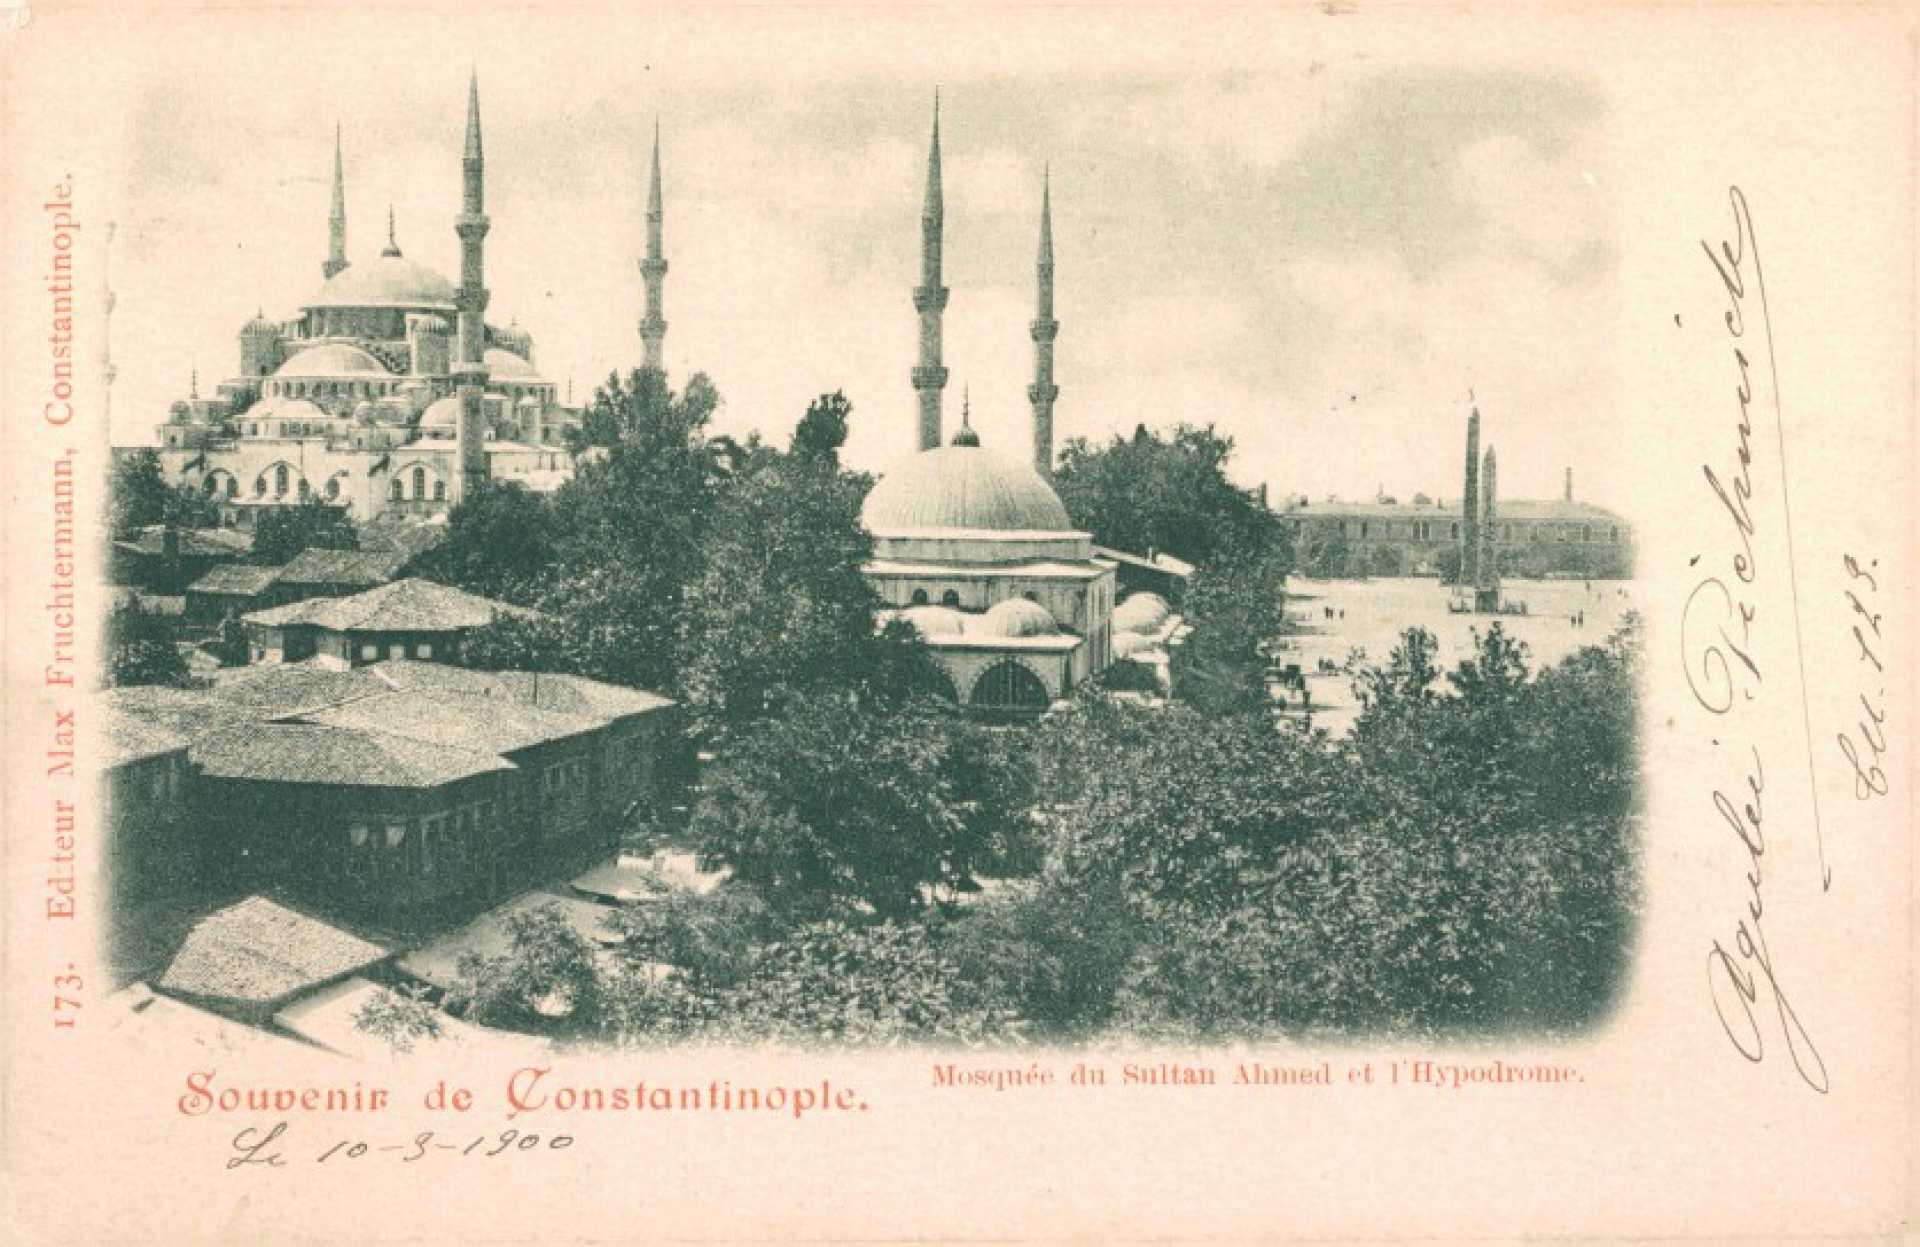 Mosquee du Sultan Ahmed et l'Hypodrome